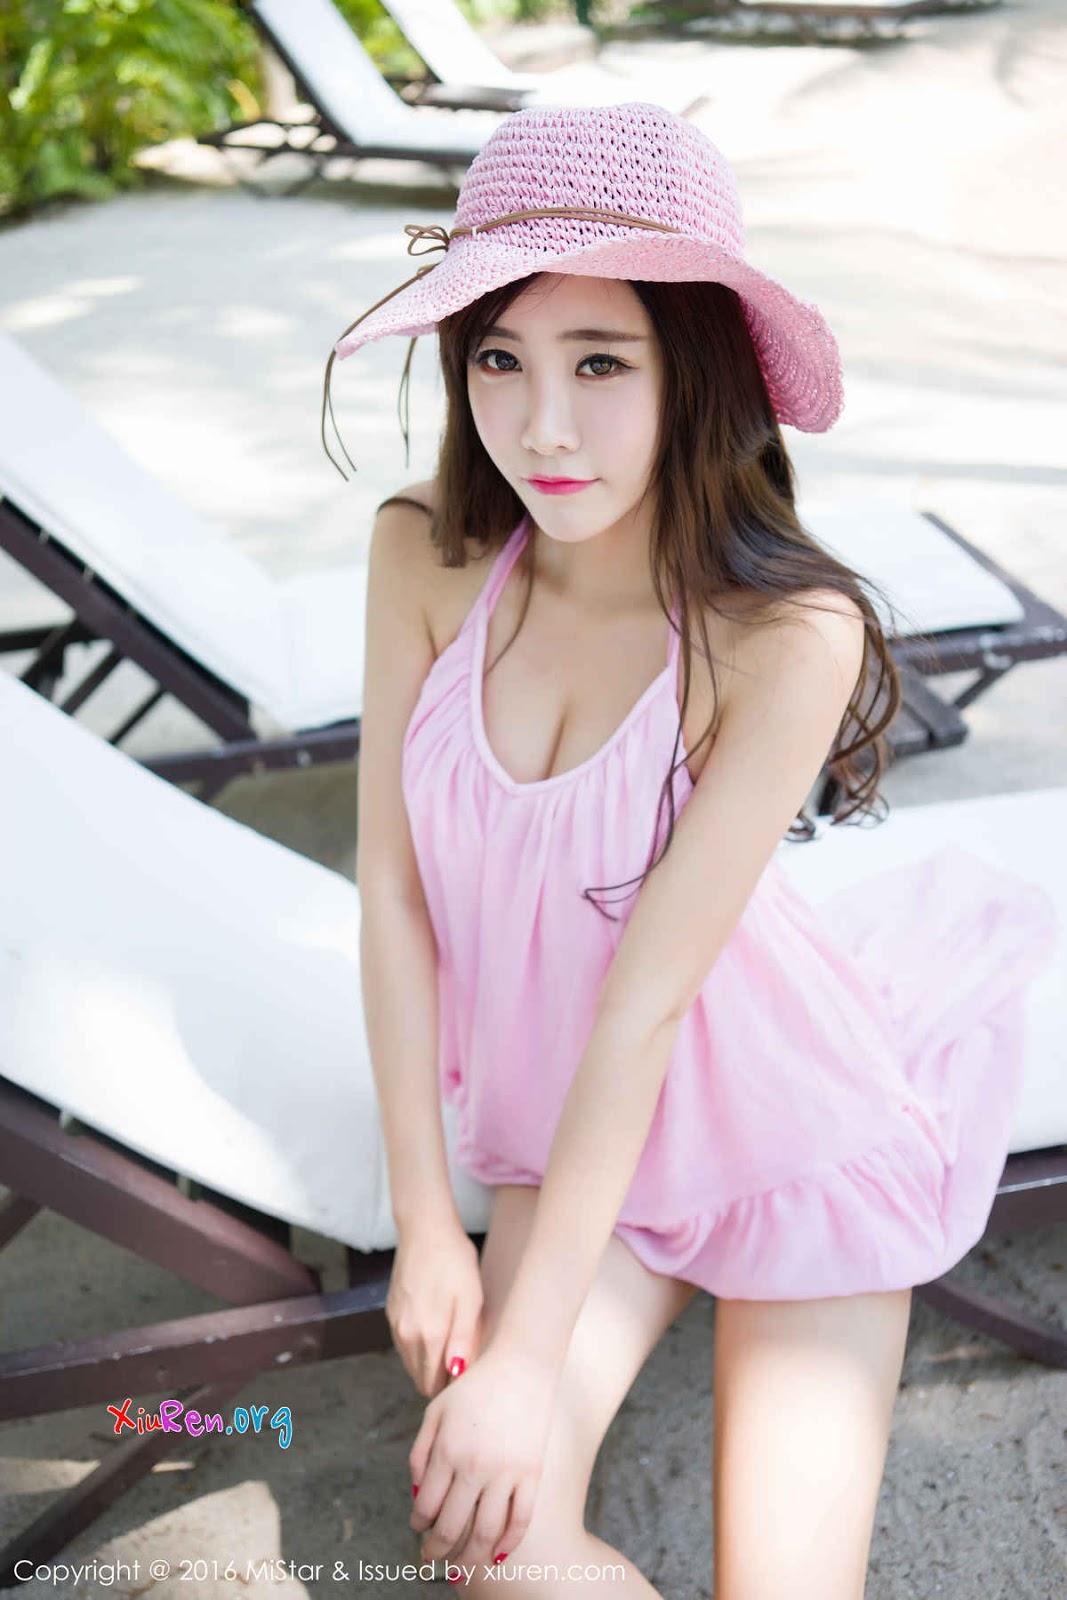 Gái xinh với đồ lót hồng phơi dáng ngoài bãi biển